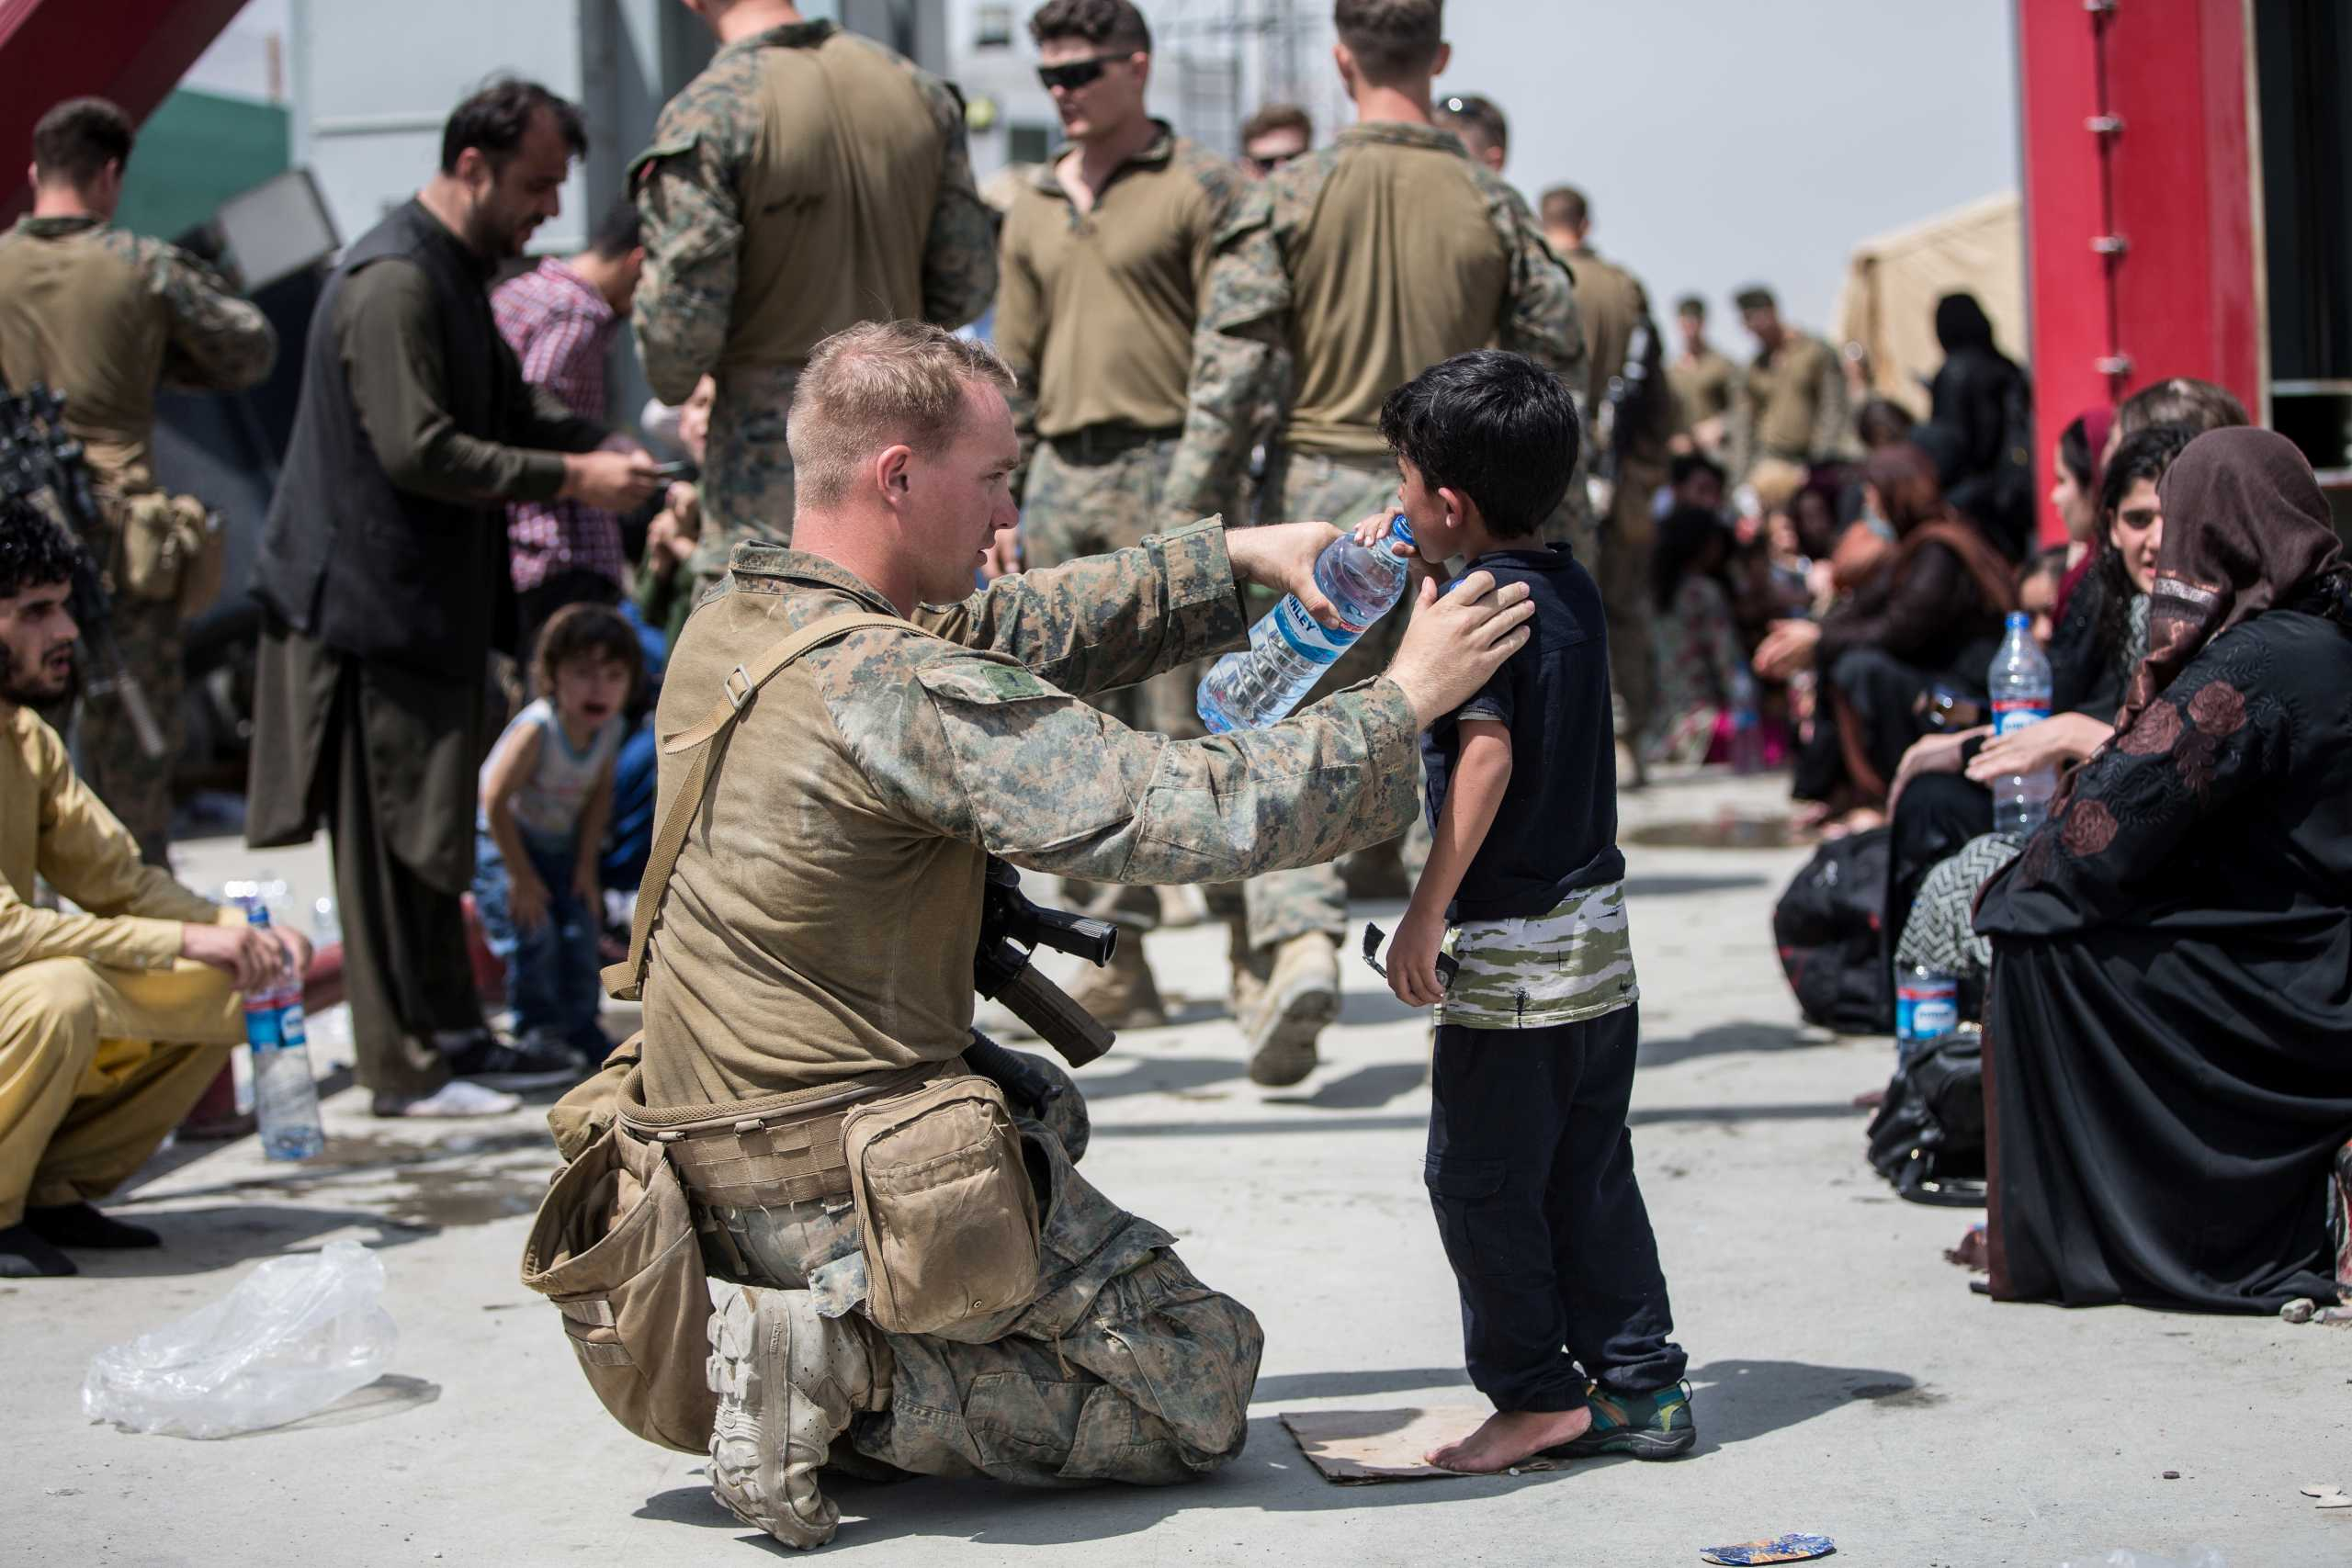 Αφγανιστάν: Οικογένειες της ελίτ οι Αφγανοί που εγκαταλείπουν τη χώρα